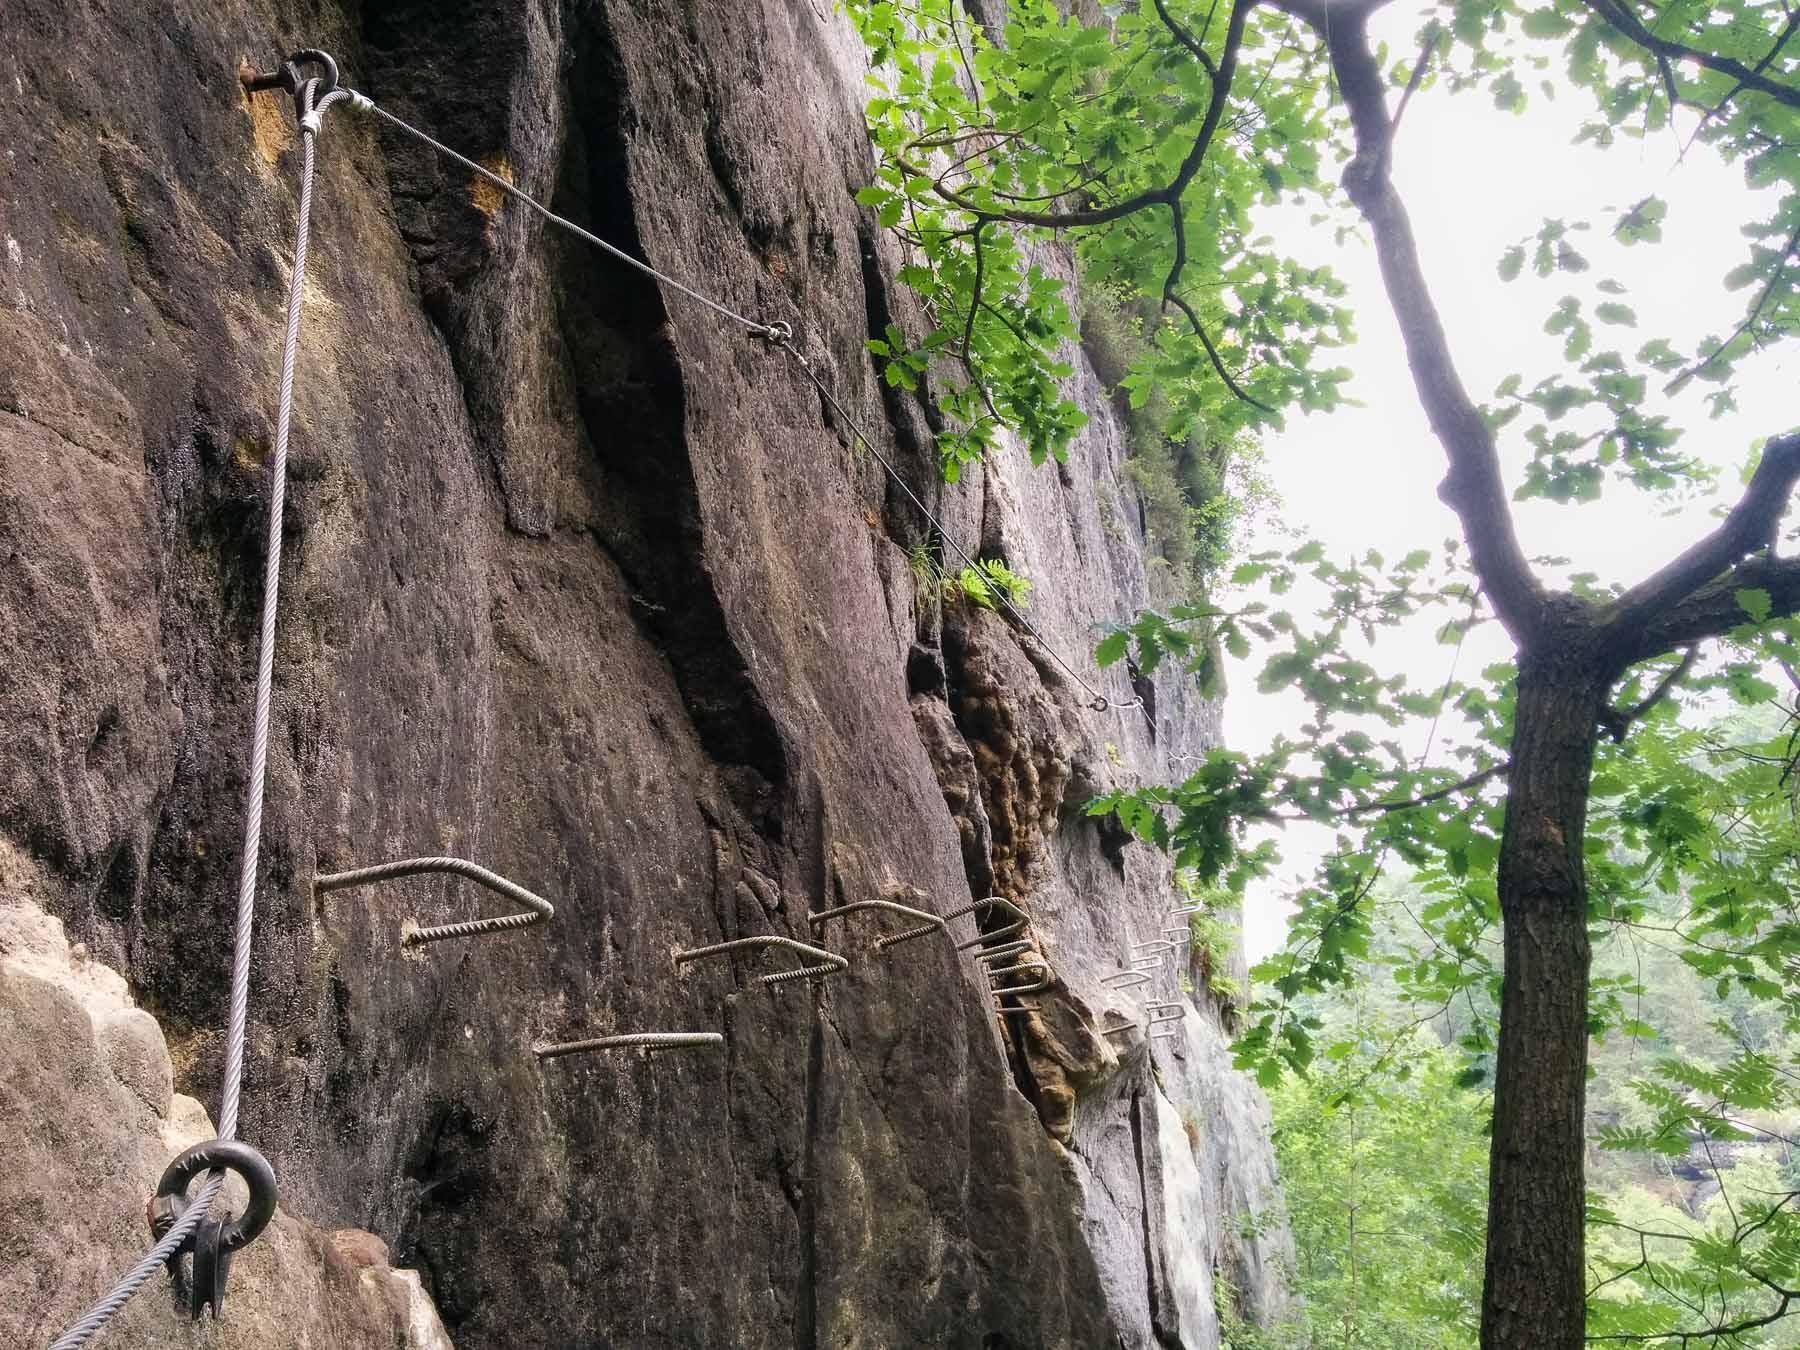 Klettersteigset Welches : Klettersteig ochelbaude » perfekt geeignet für anfänger